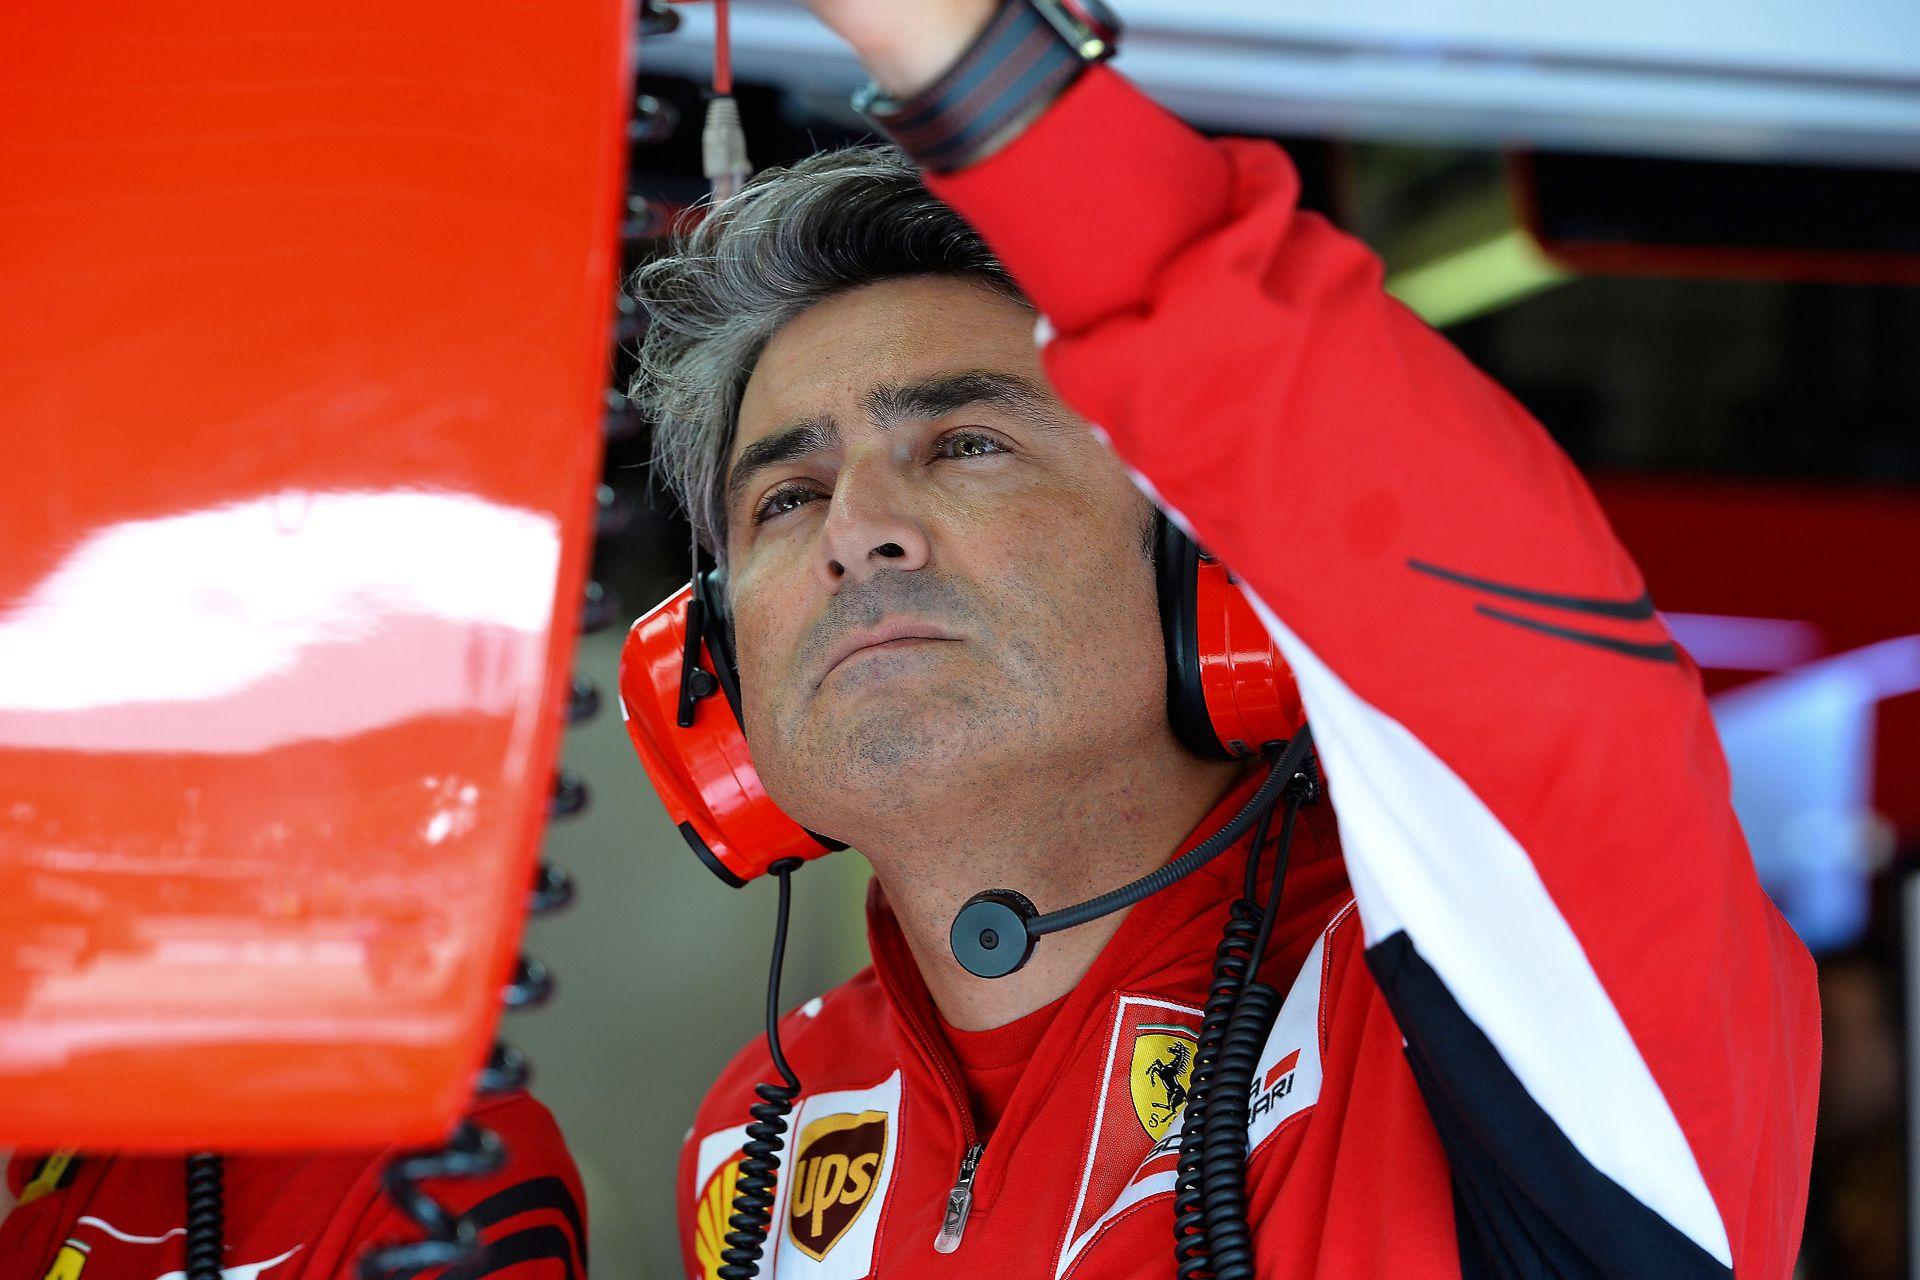 Mattiacci teljes szabad kezet kapott a Ferrarinál: Újabb szakemberek érkezése várható